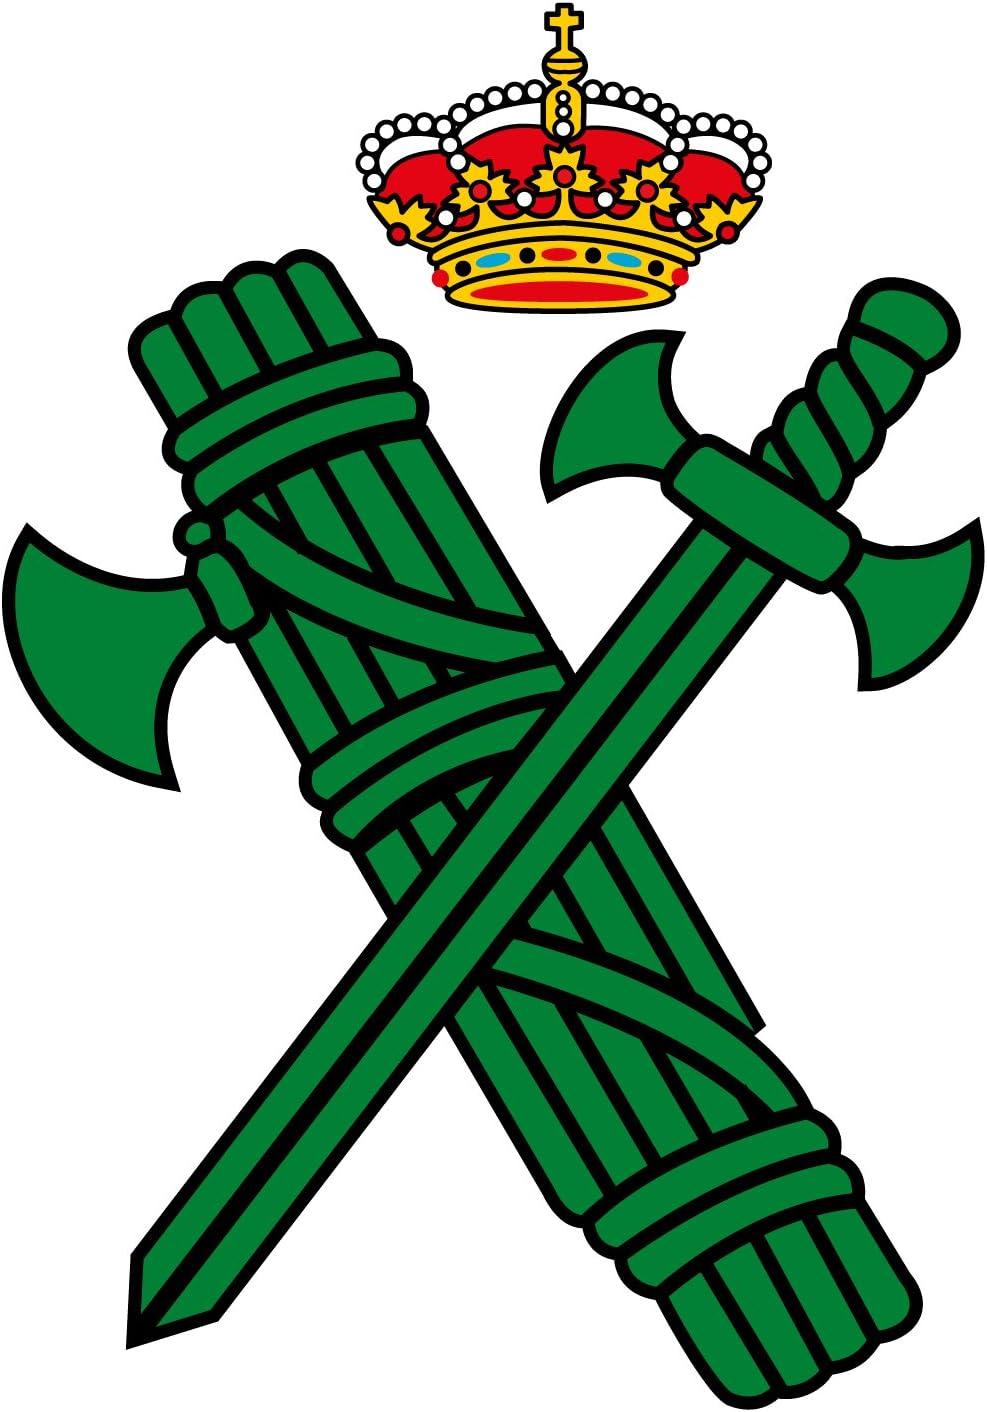 Artimagen Pegatina Logotipo Guardia Civil 40x60 mm.: Amazon.es: Coche y moto